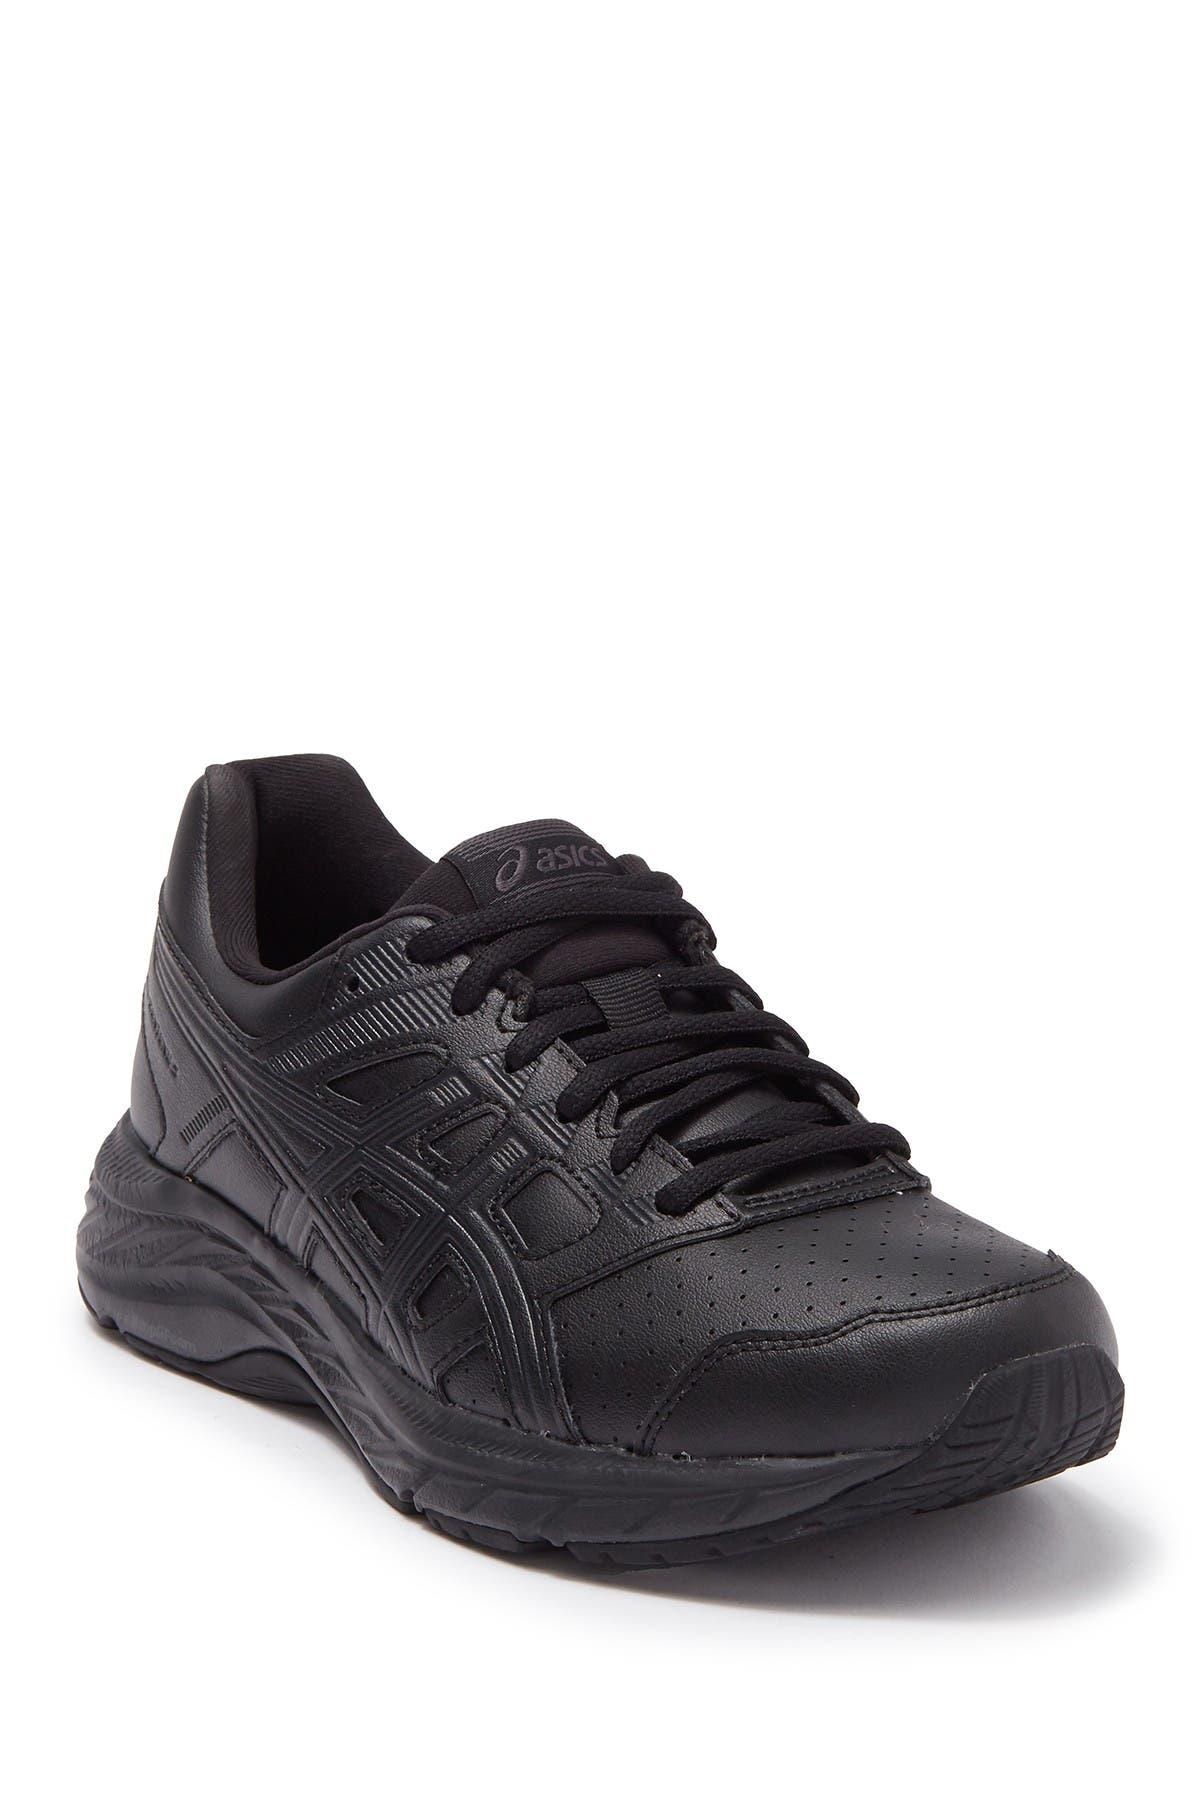 ASICS | Gel-Contend 5 Walker Sneaker